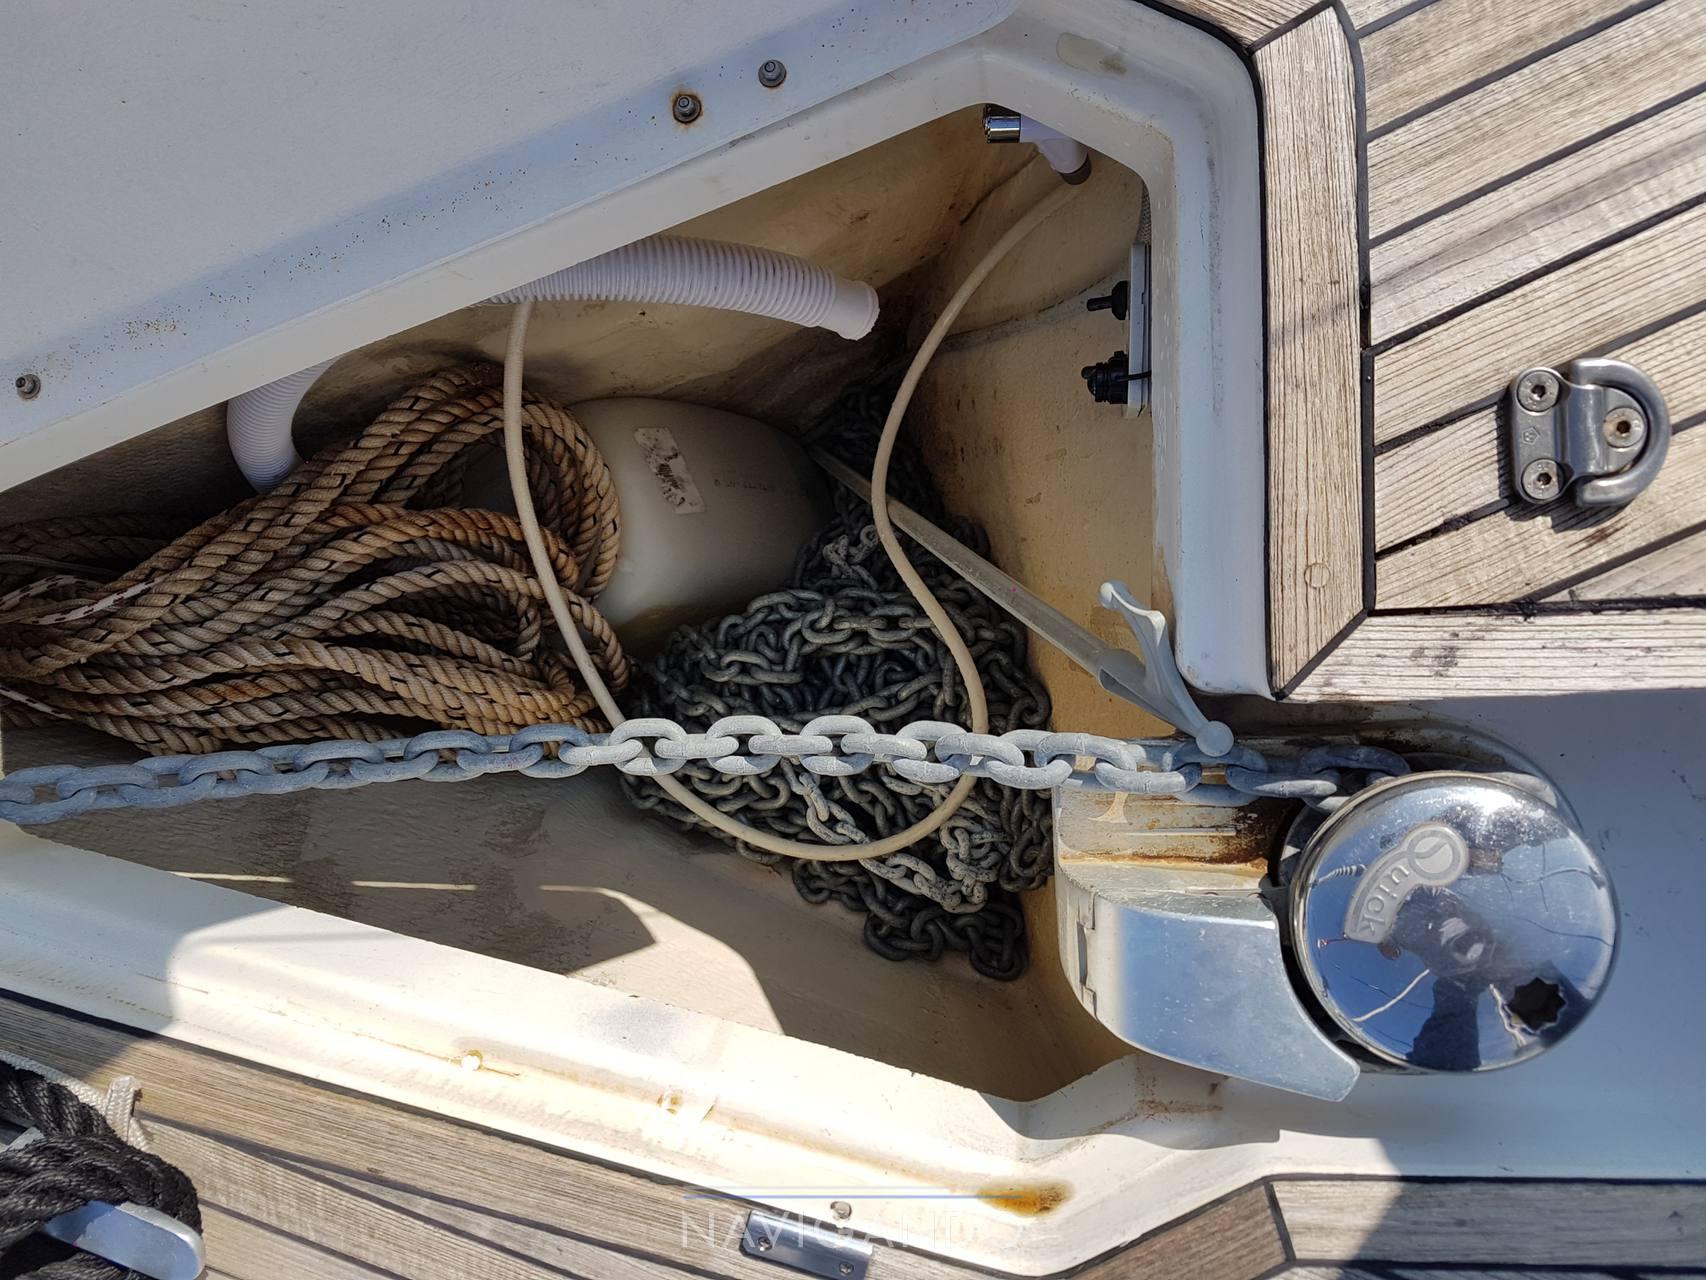 Dufour 385 gl Barca a vela usata in vendita